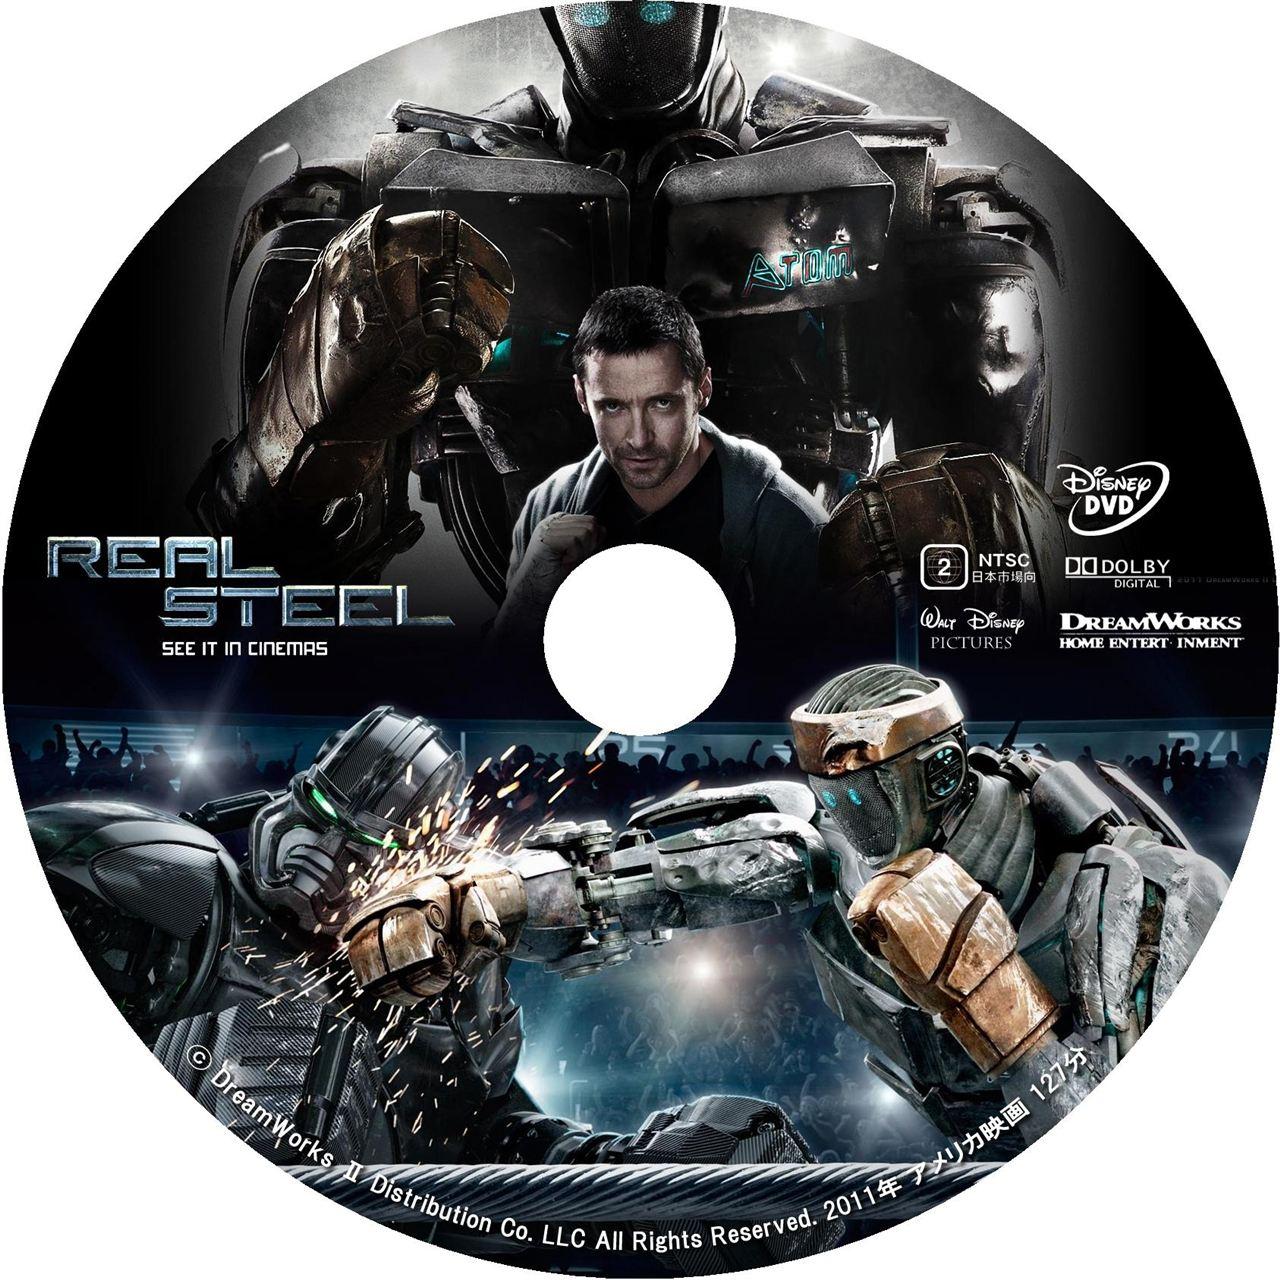 リアルスティール(REAL STEEL) これ、めっちゃイイ映画ですよ